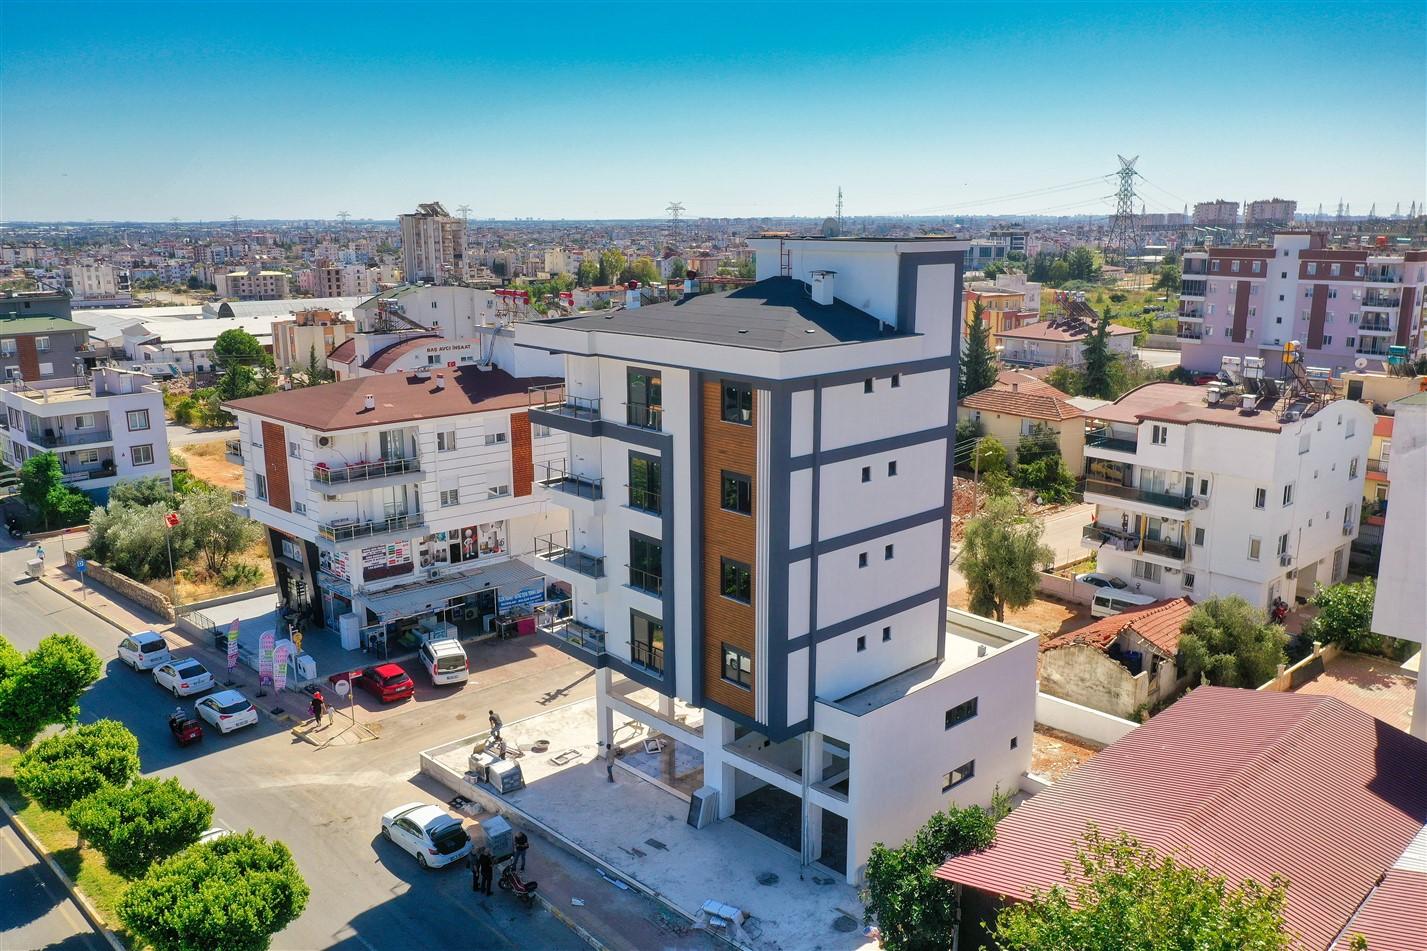 Четырёхкомнатная квартира в Анталье по демократичной цене - Фото 2